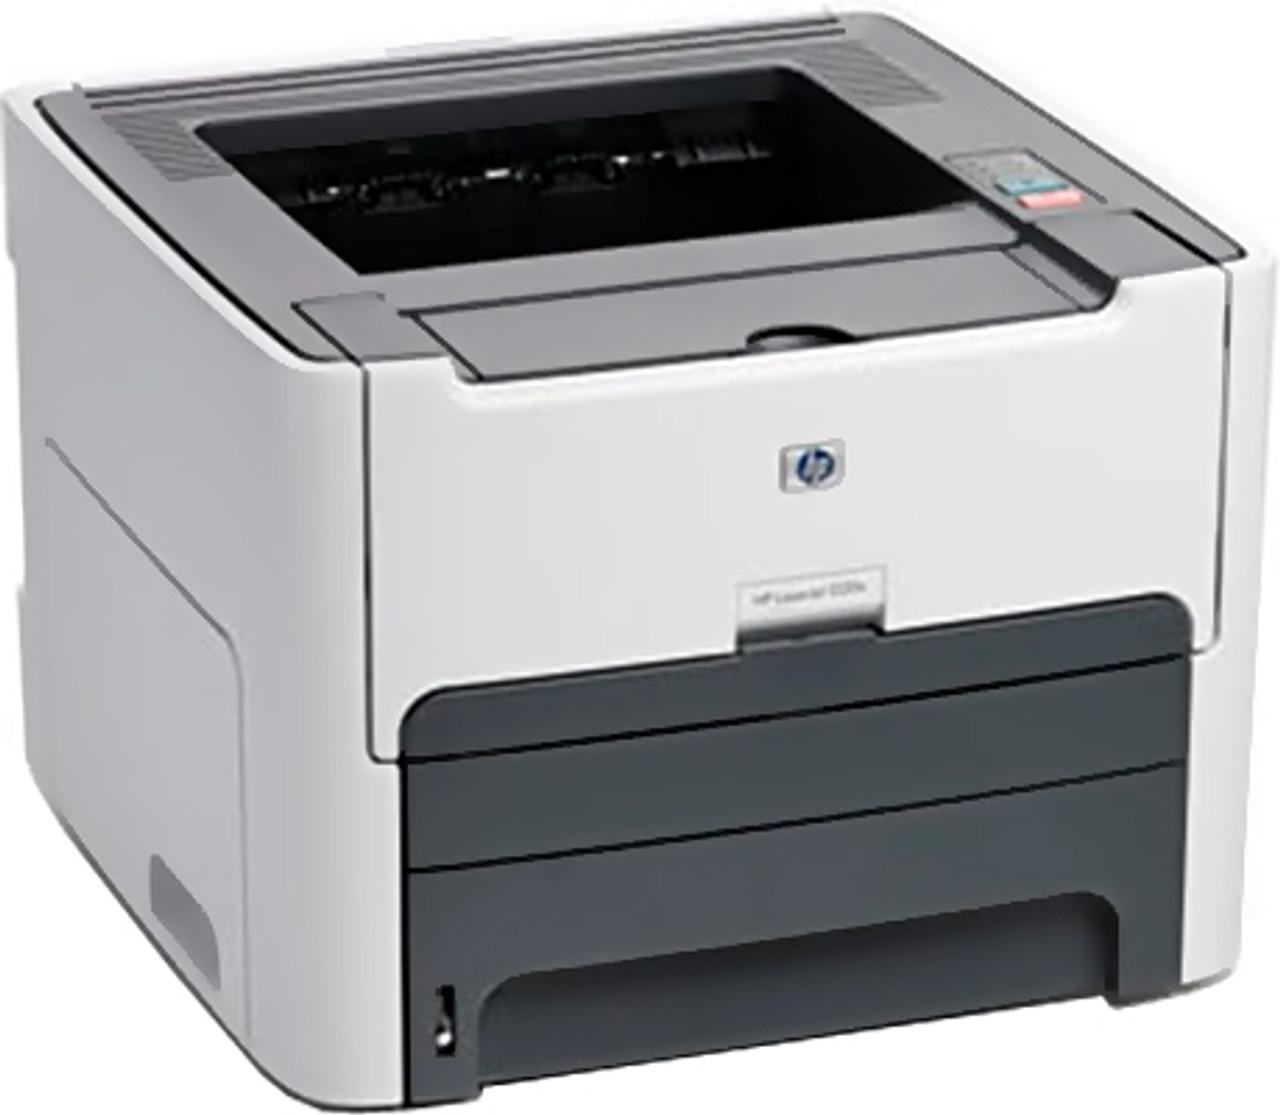 HP LaserJet 1320n - Q5928AR - HP Laser Printer for sale